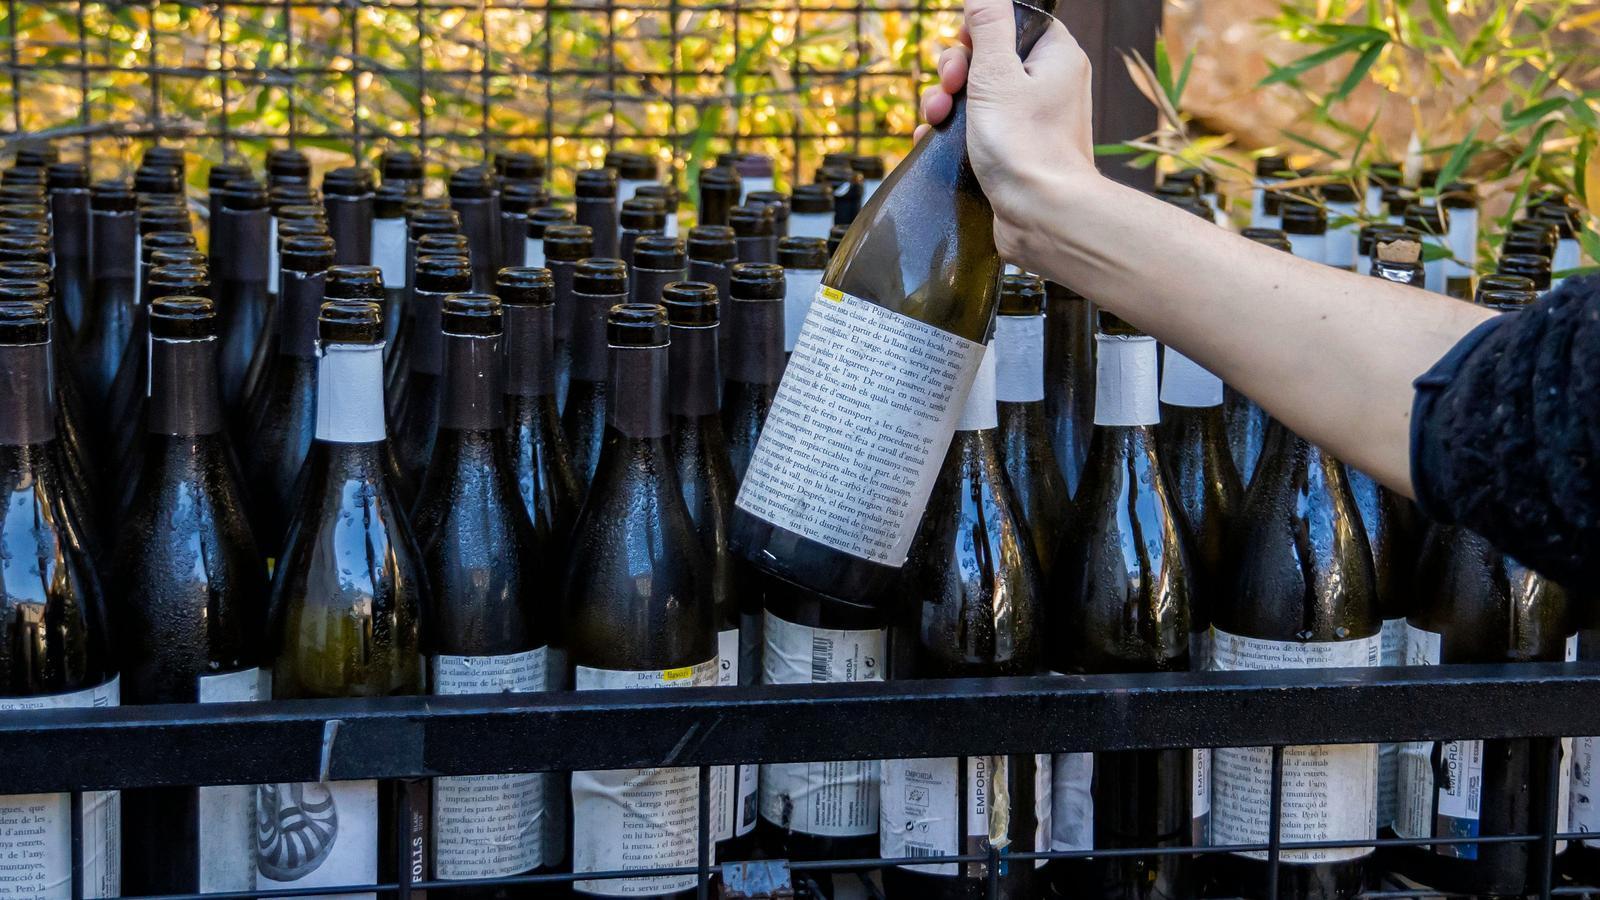 Algunes ampolles reutilitzades al Celler La Vinyeta, de la DO Empordà